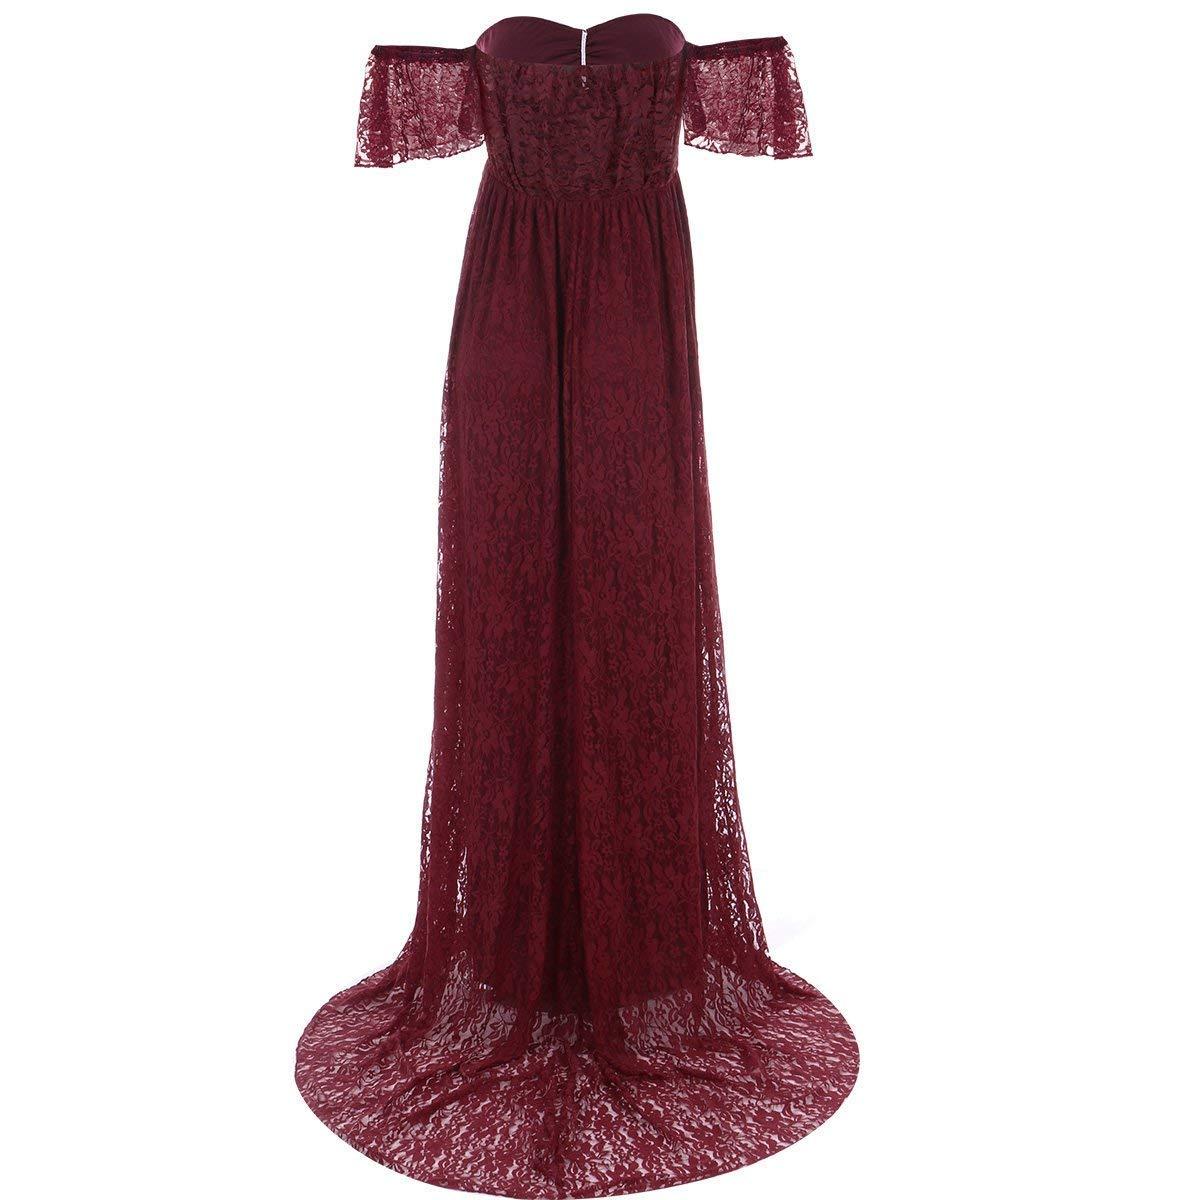 Amazon.com: ZIUMUDY - Vestido de maternidad con hombros ...